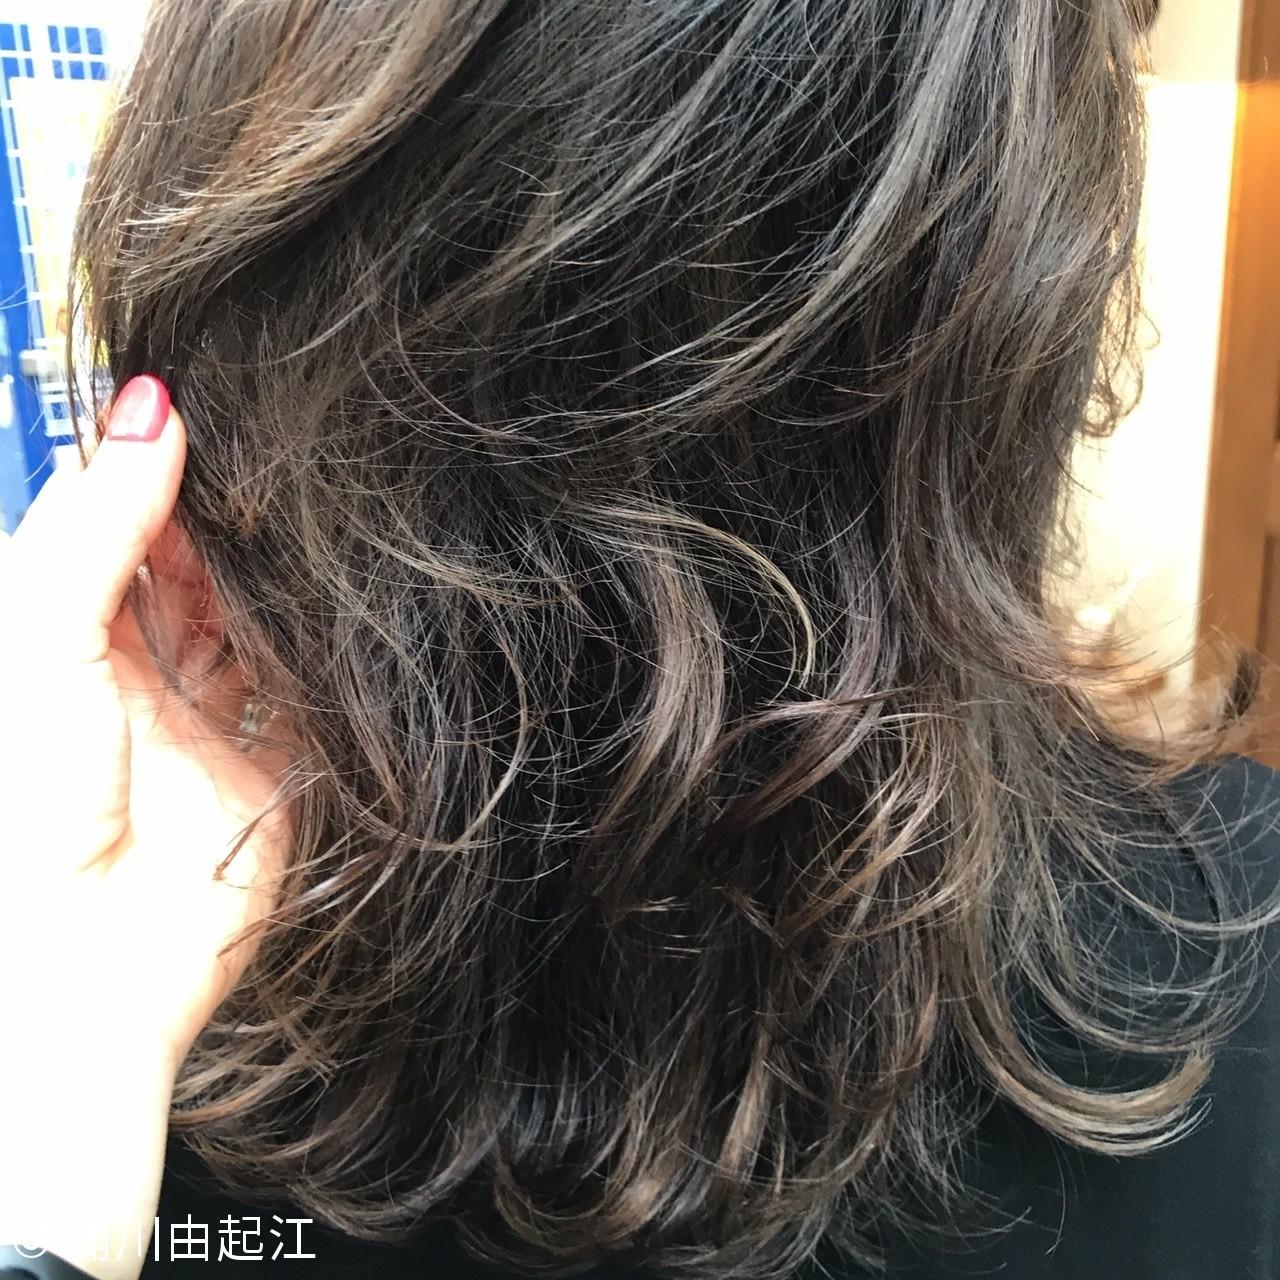 デート ミディアム ハイライト ナチュラル ヘアスタイルや髪型の写真・画像